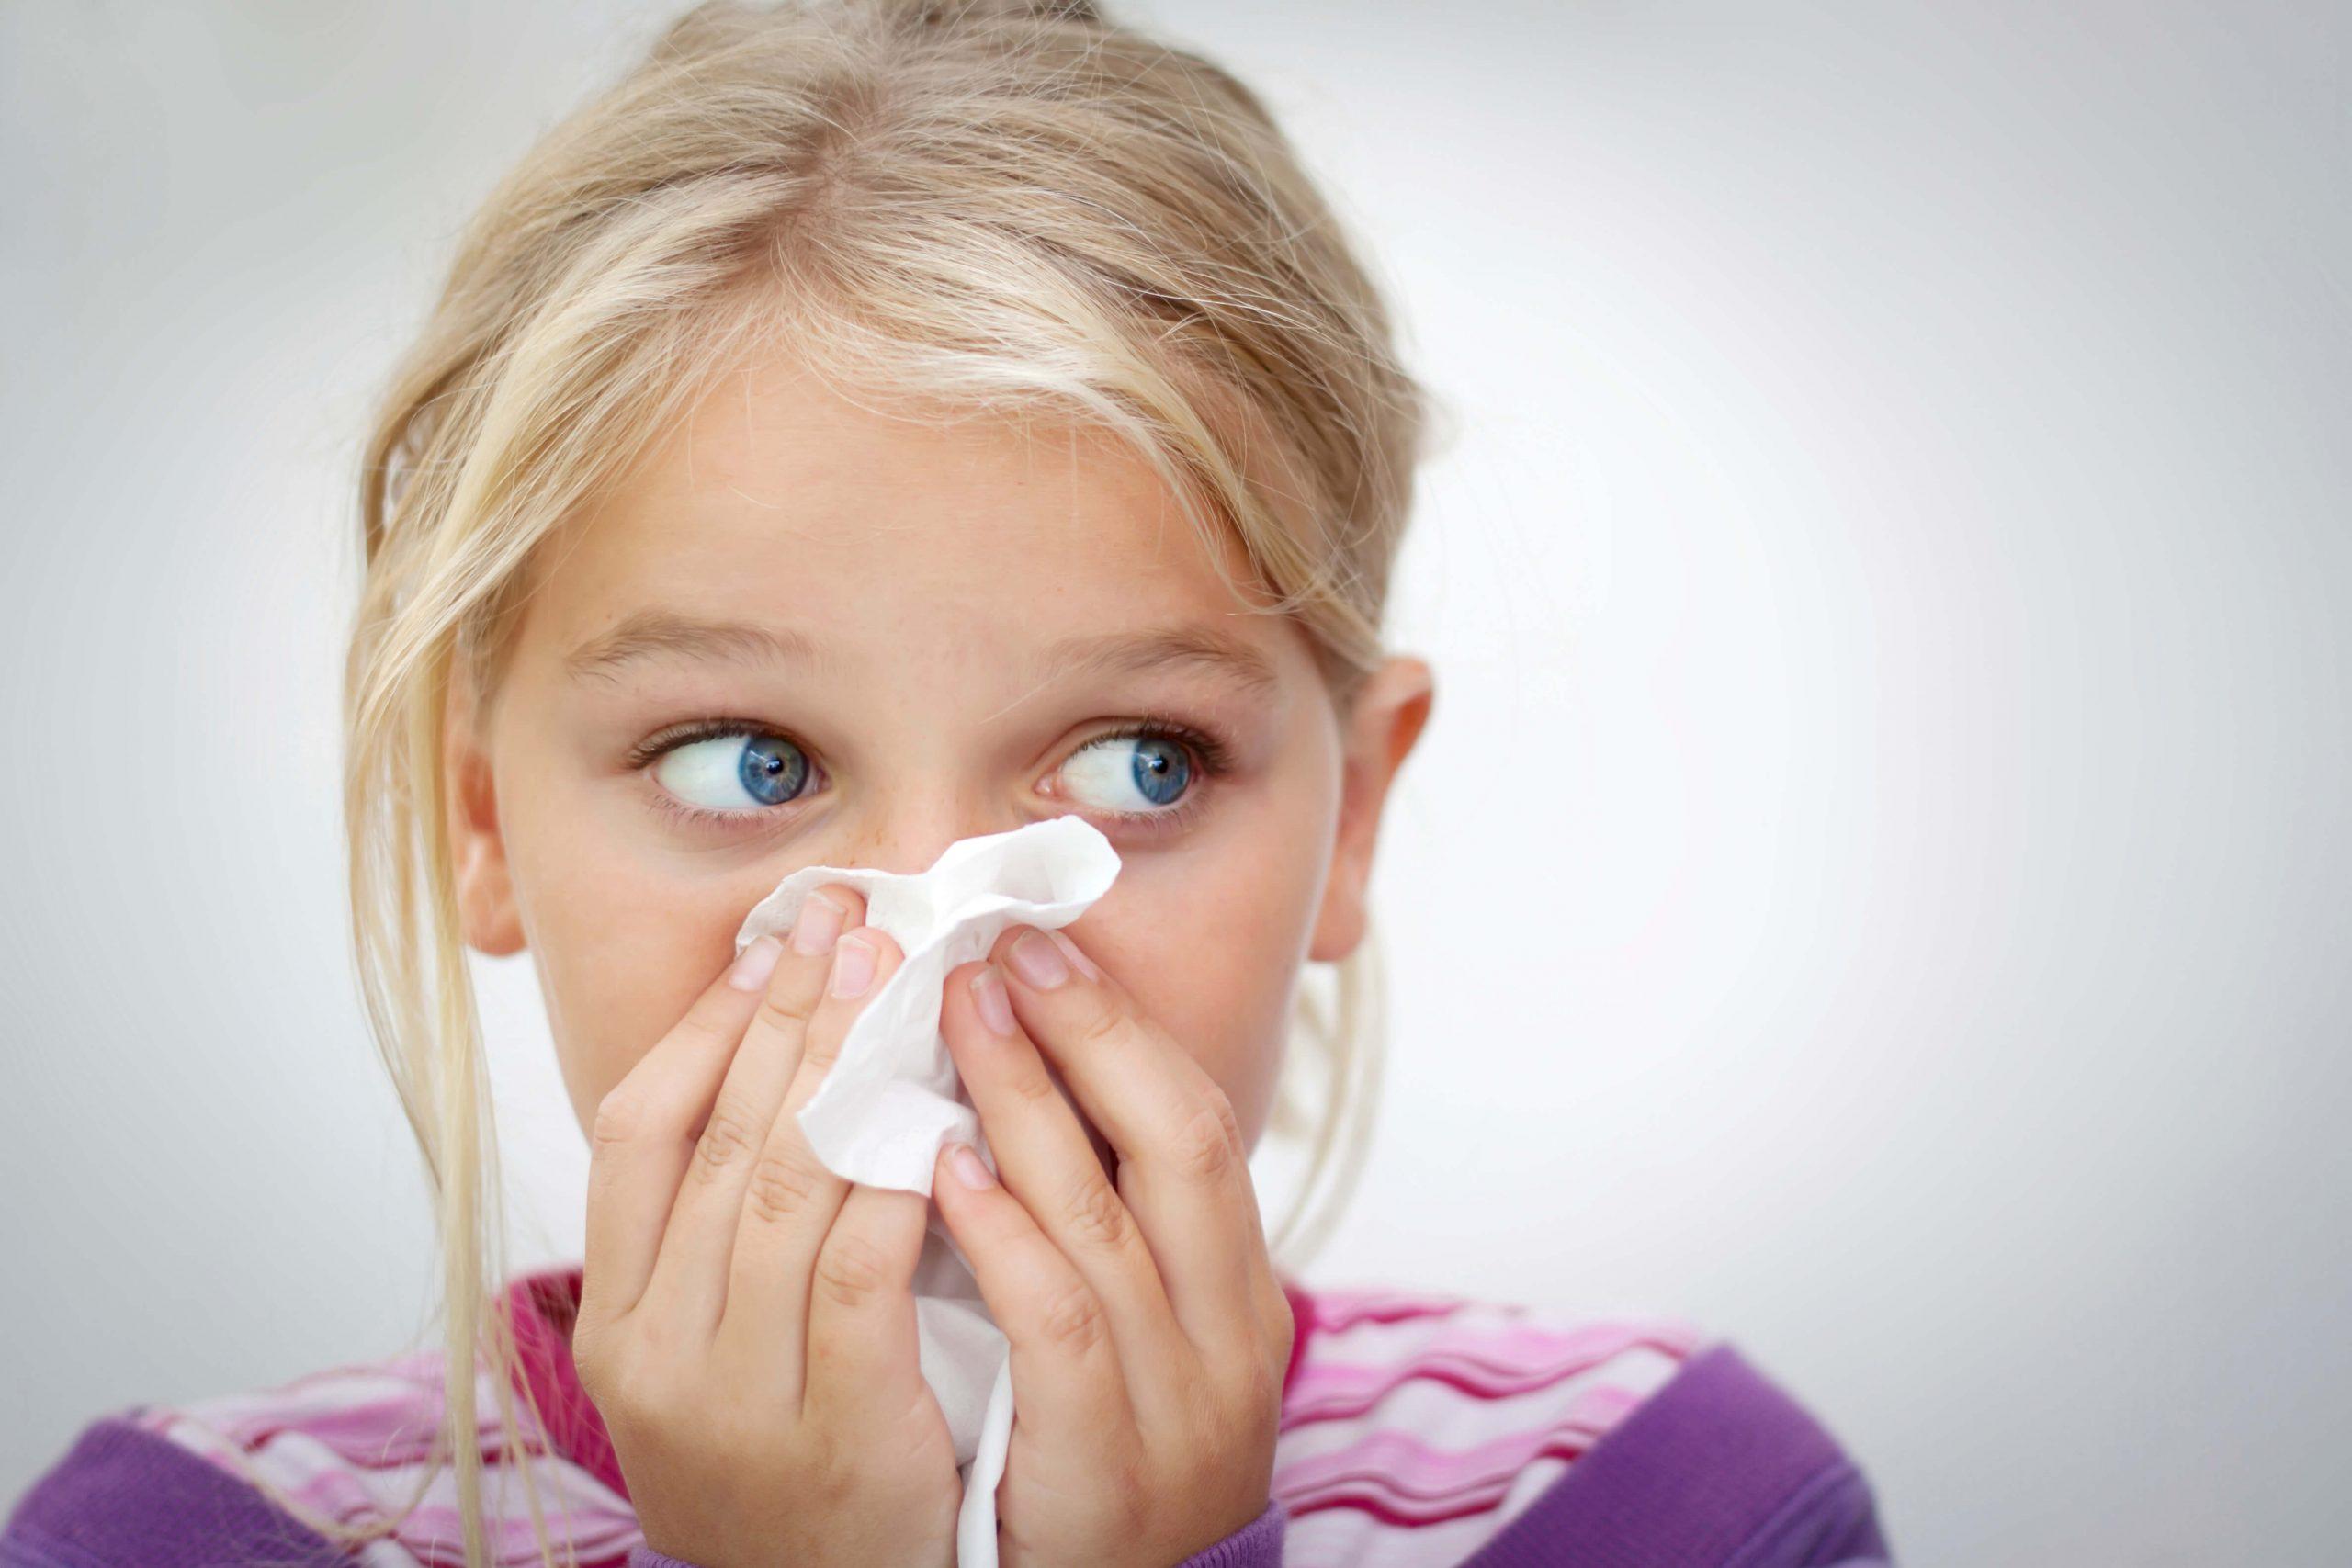 Criança assoa o nariz; rinossinusite aguda: sintomas e tratamento